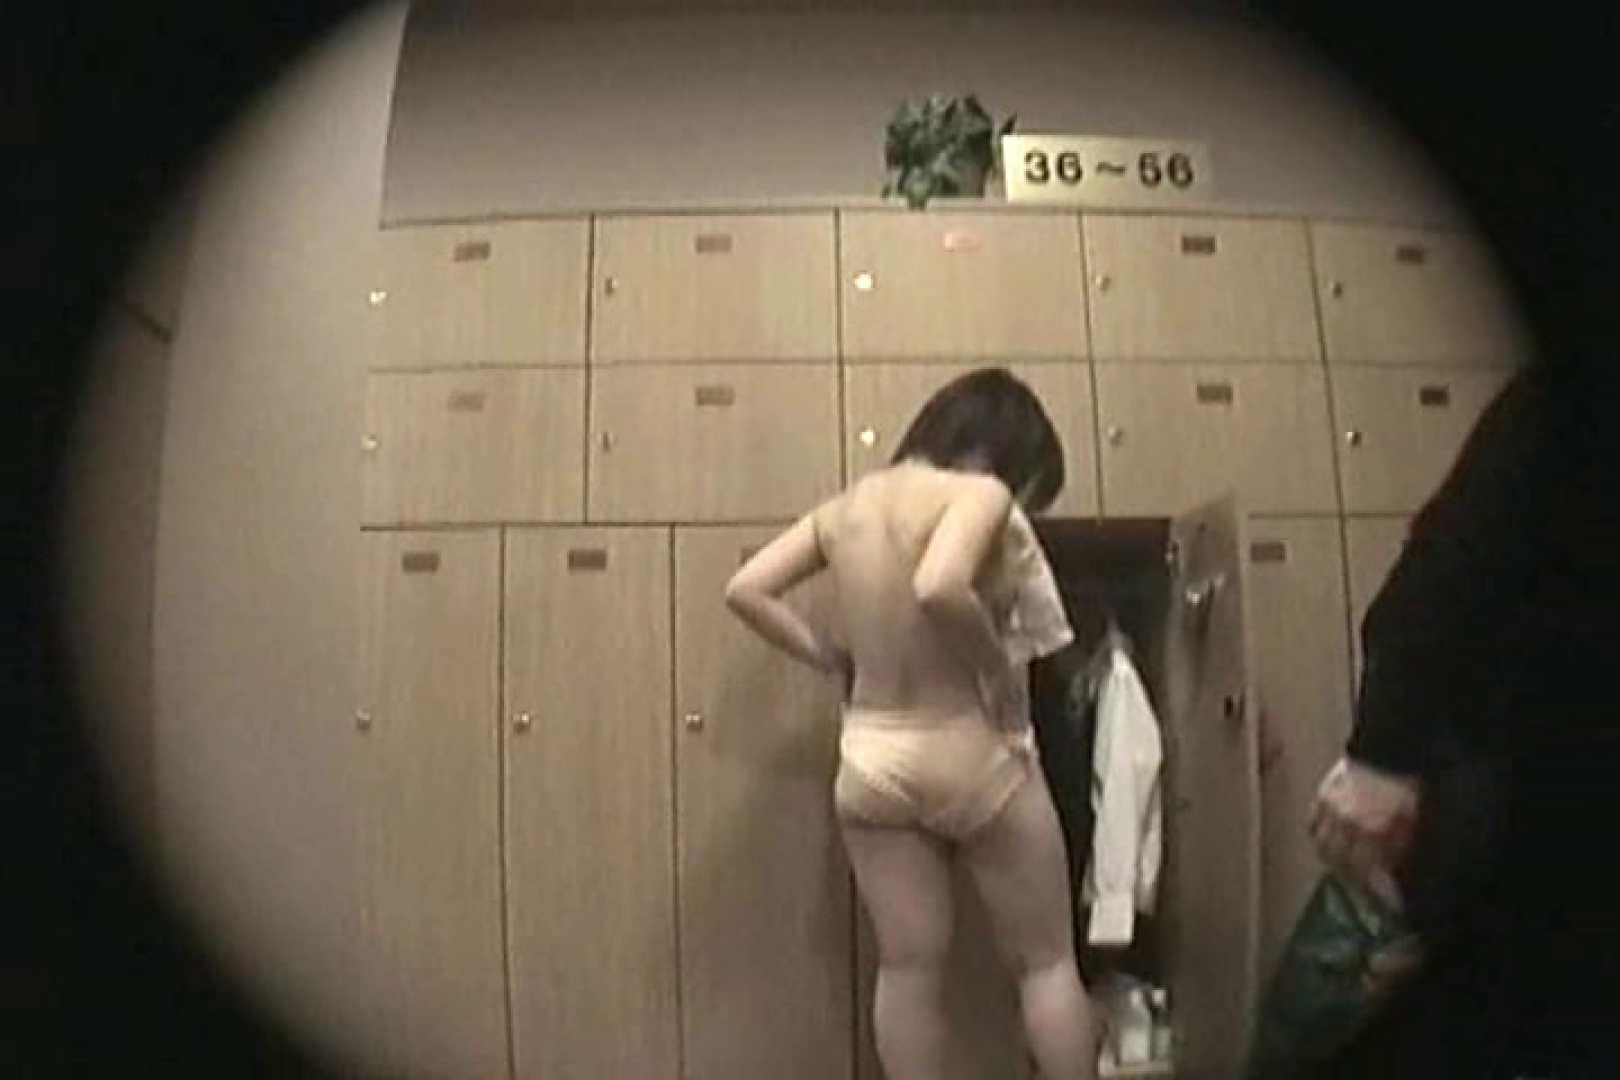 新女風呂51 むっちりすけべ | 女風呂  98PIX 79